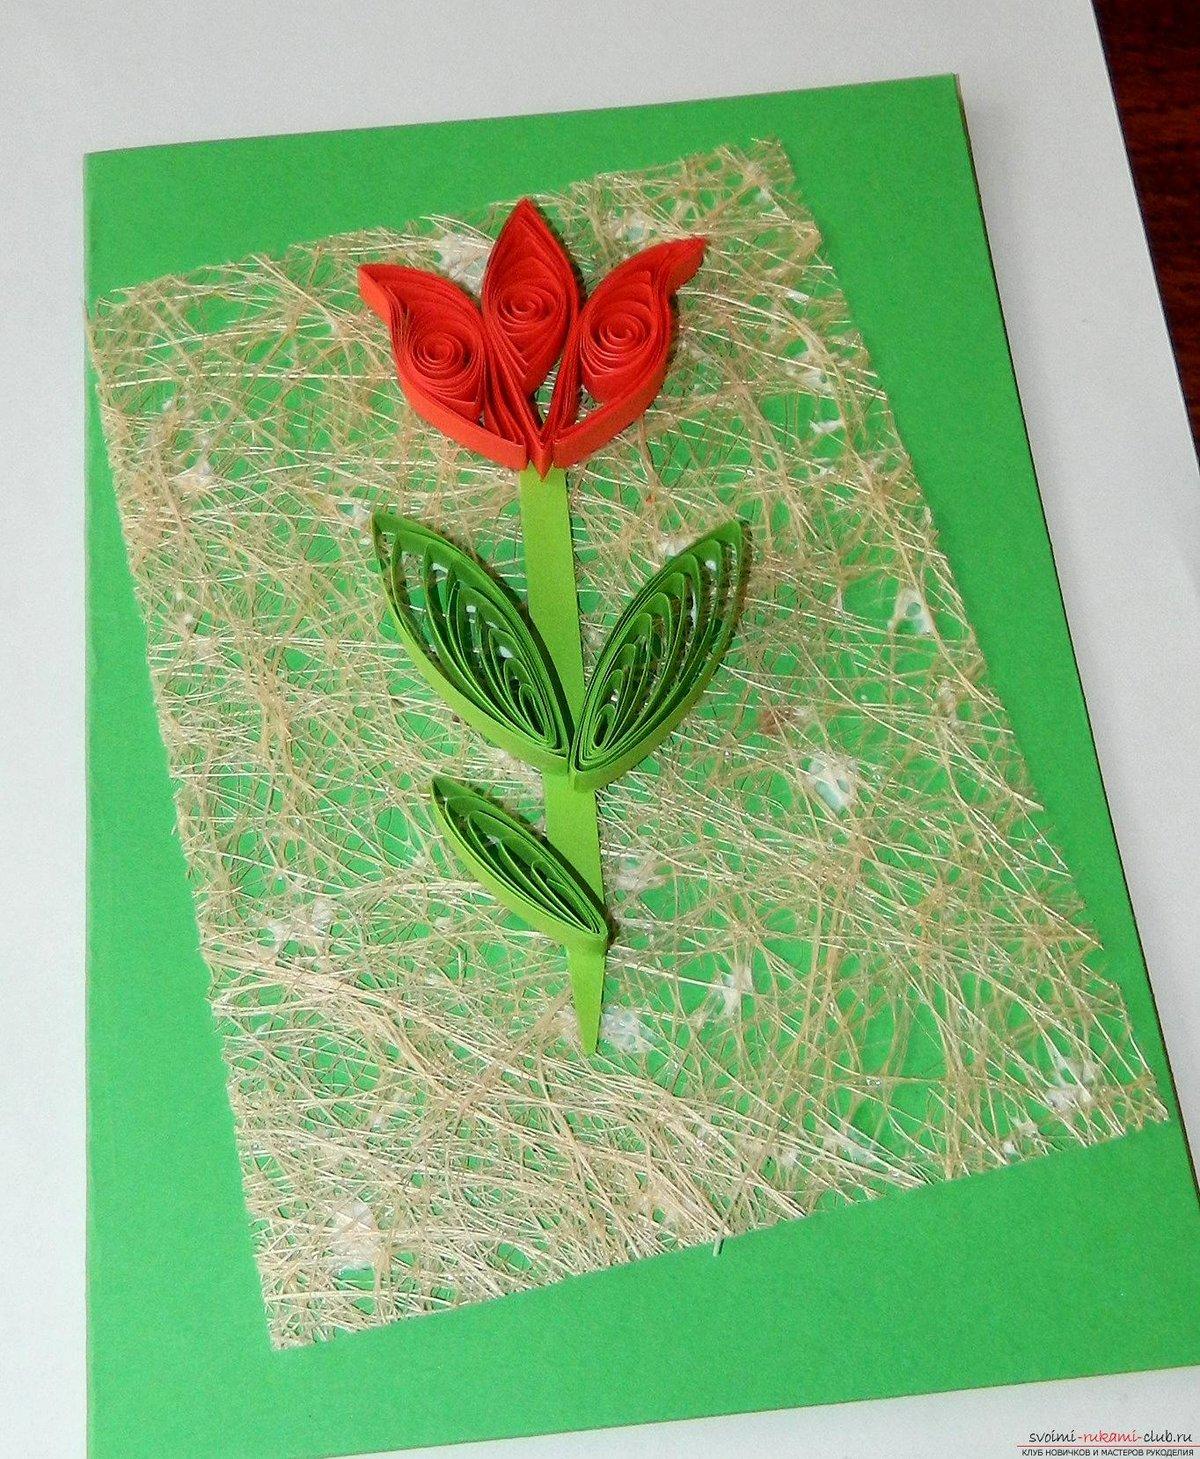 Года дня, декоративная открытка на 8 марта